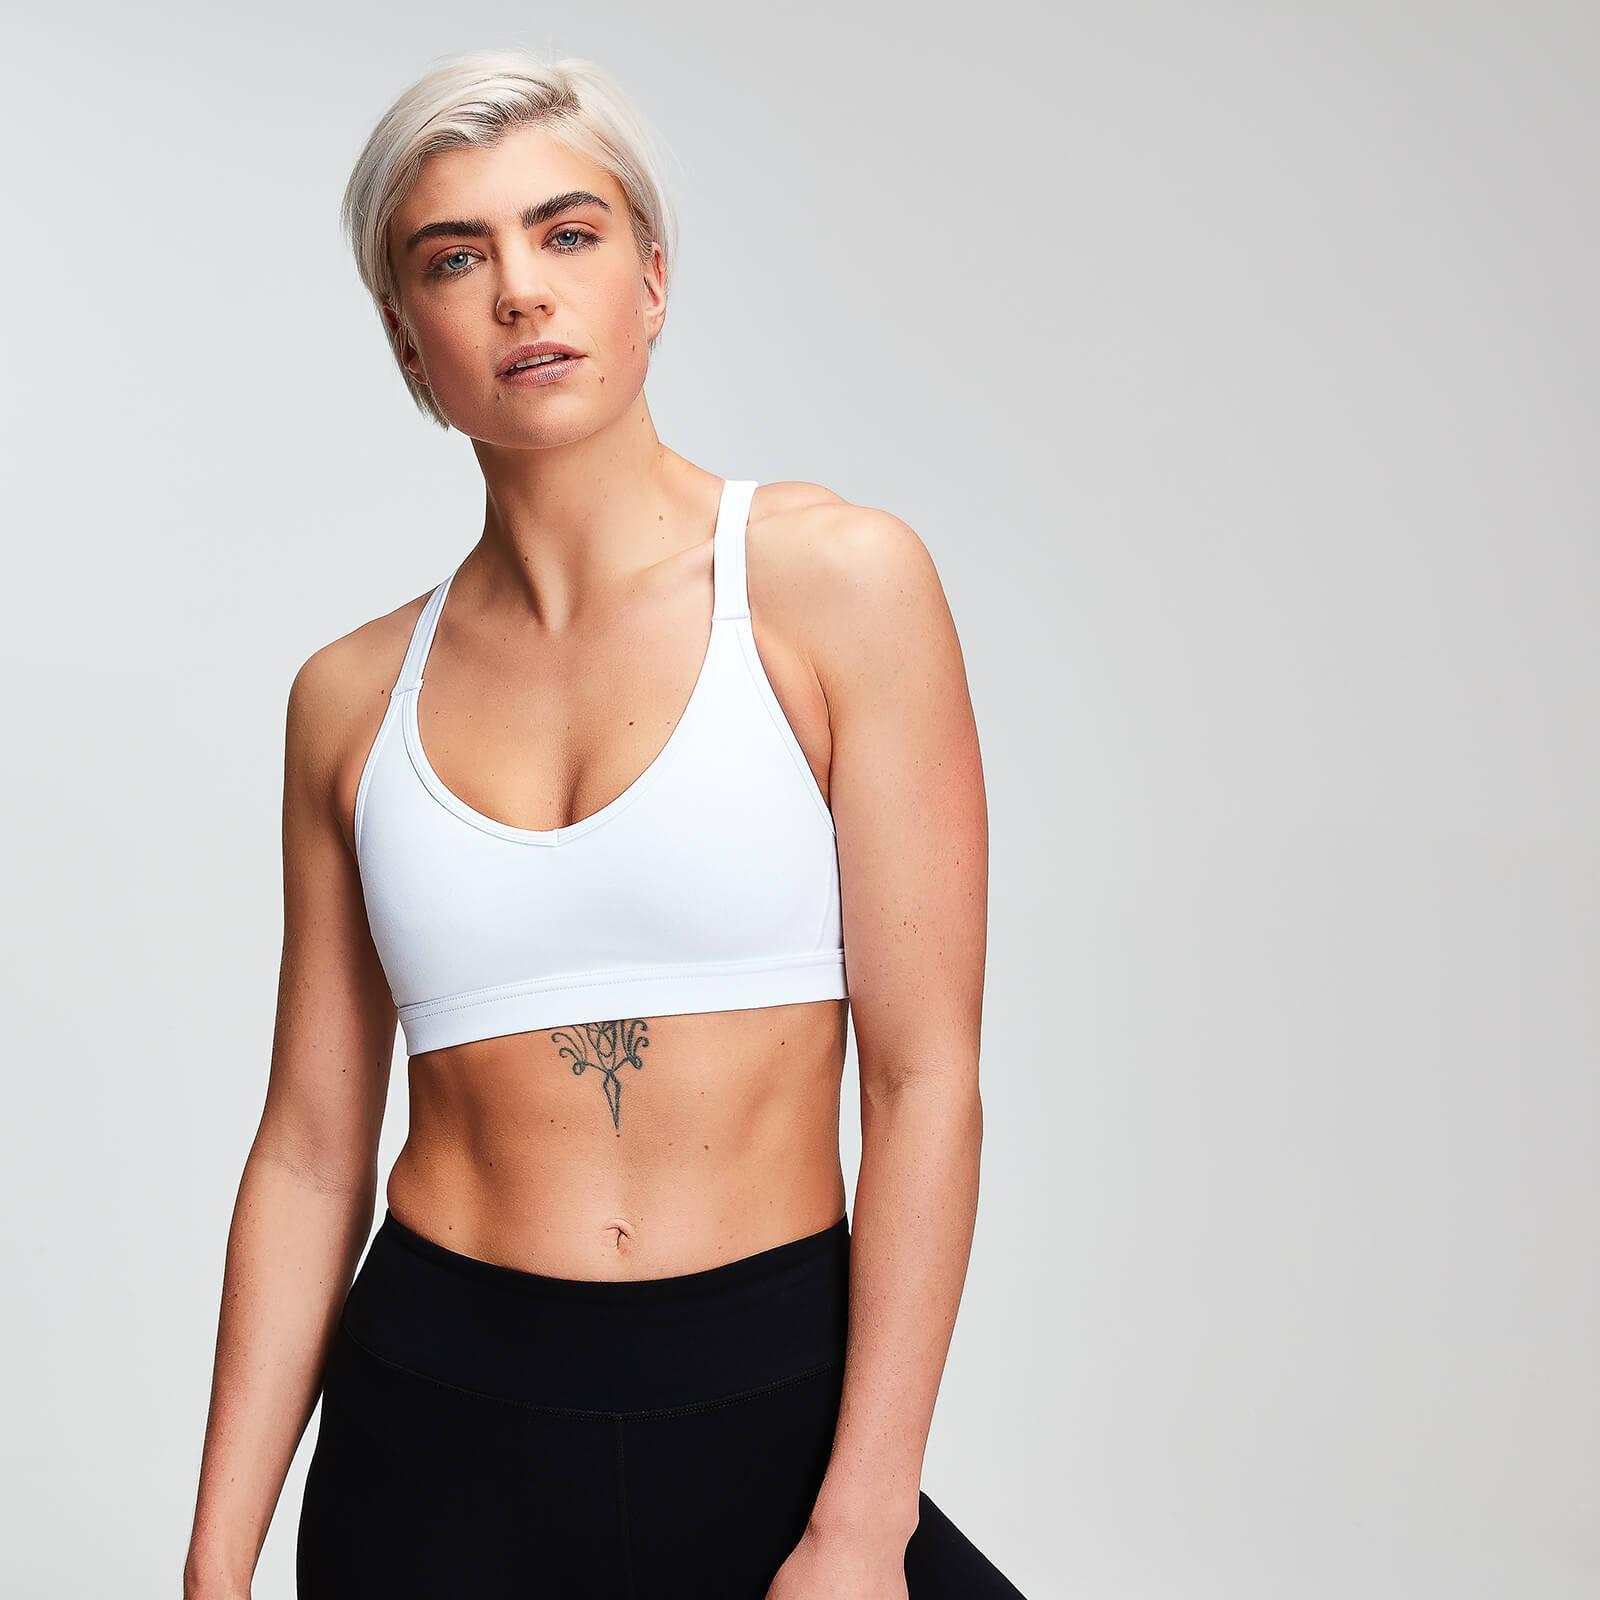 Brassière de sport MP Power en résille pour femmes – Blanc - XXL